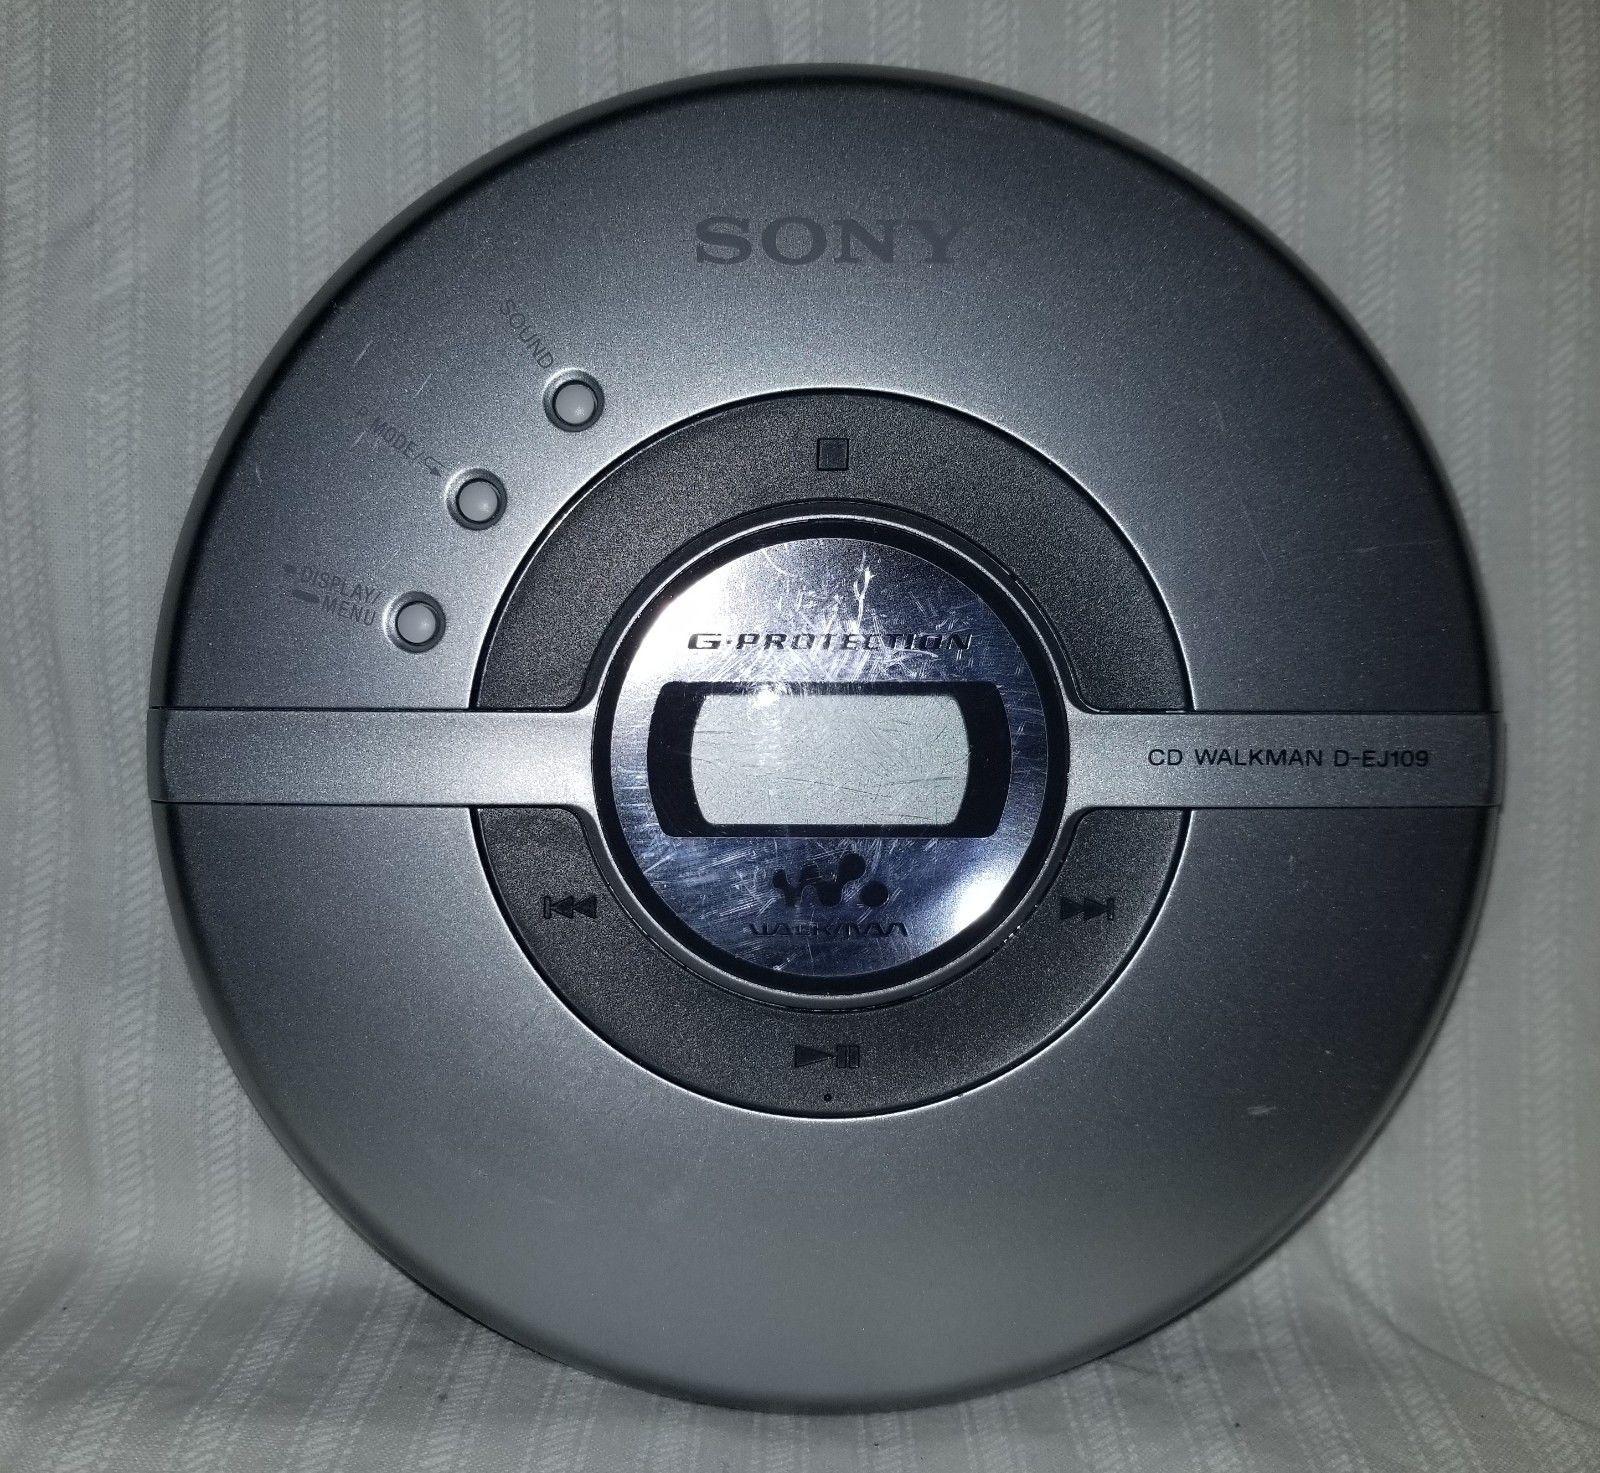 sony cd walkman D-EJ109